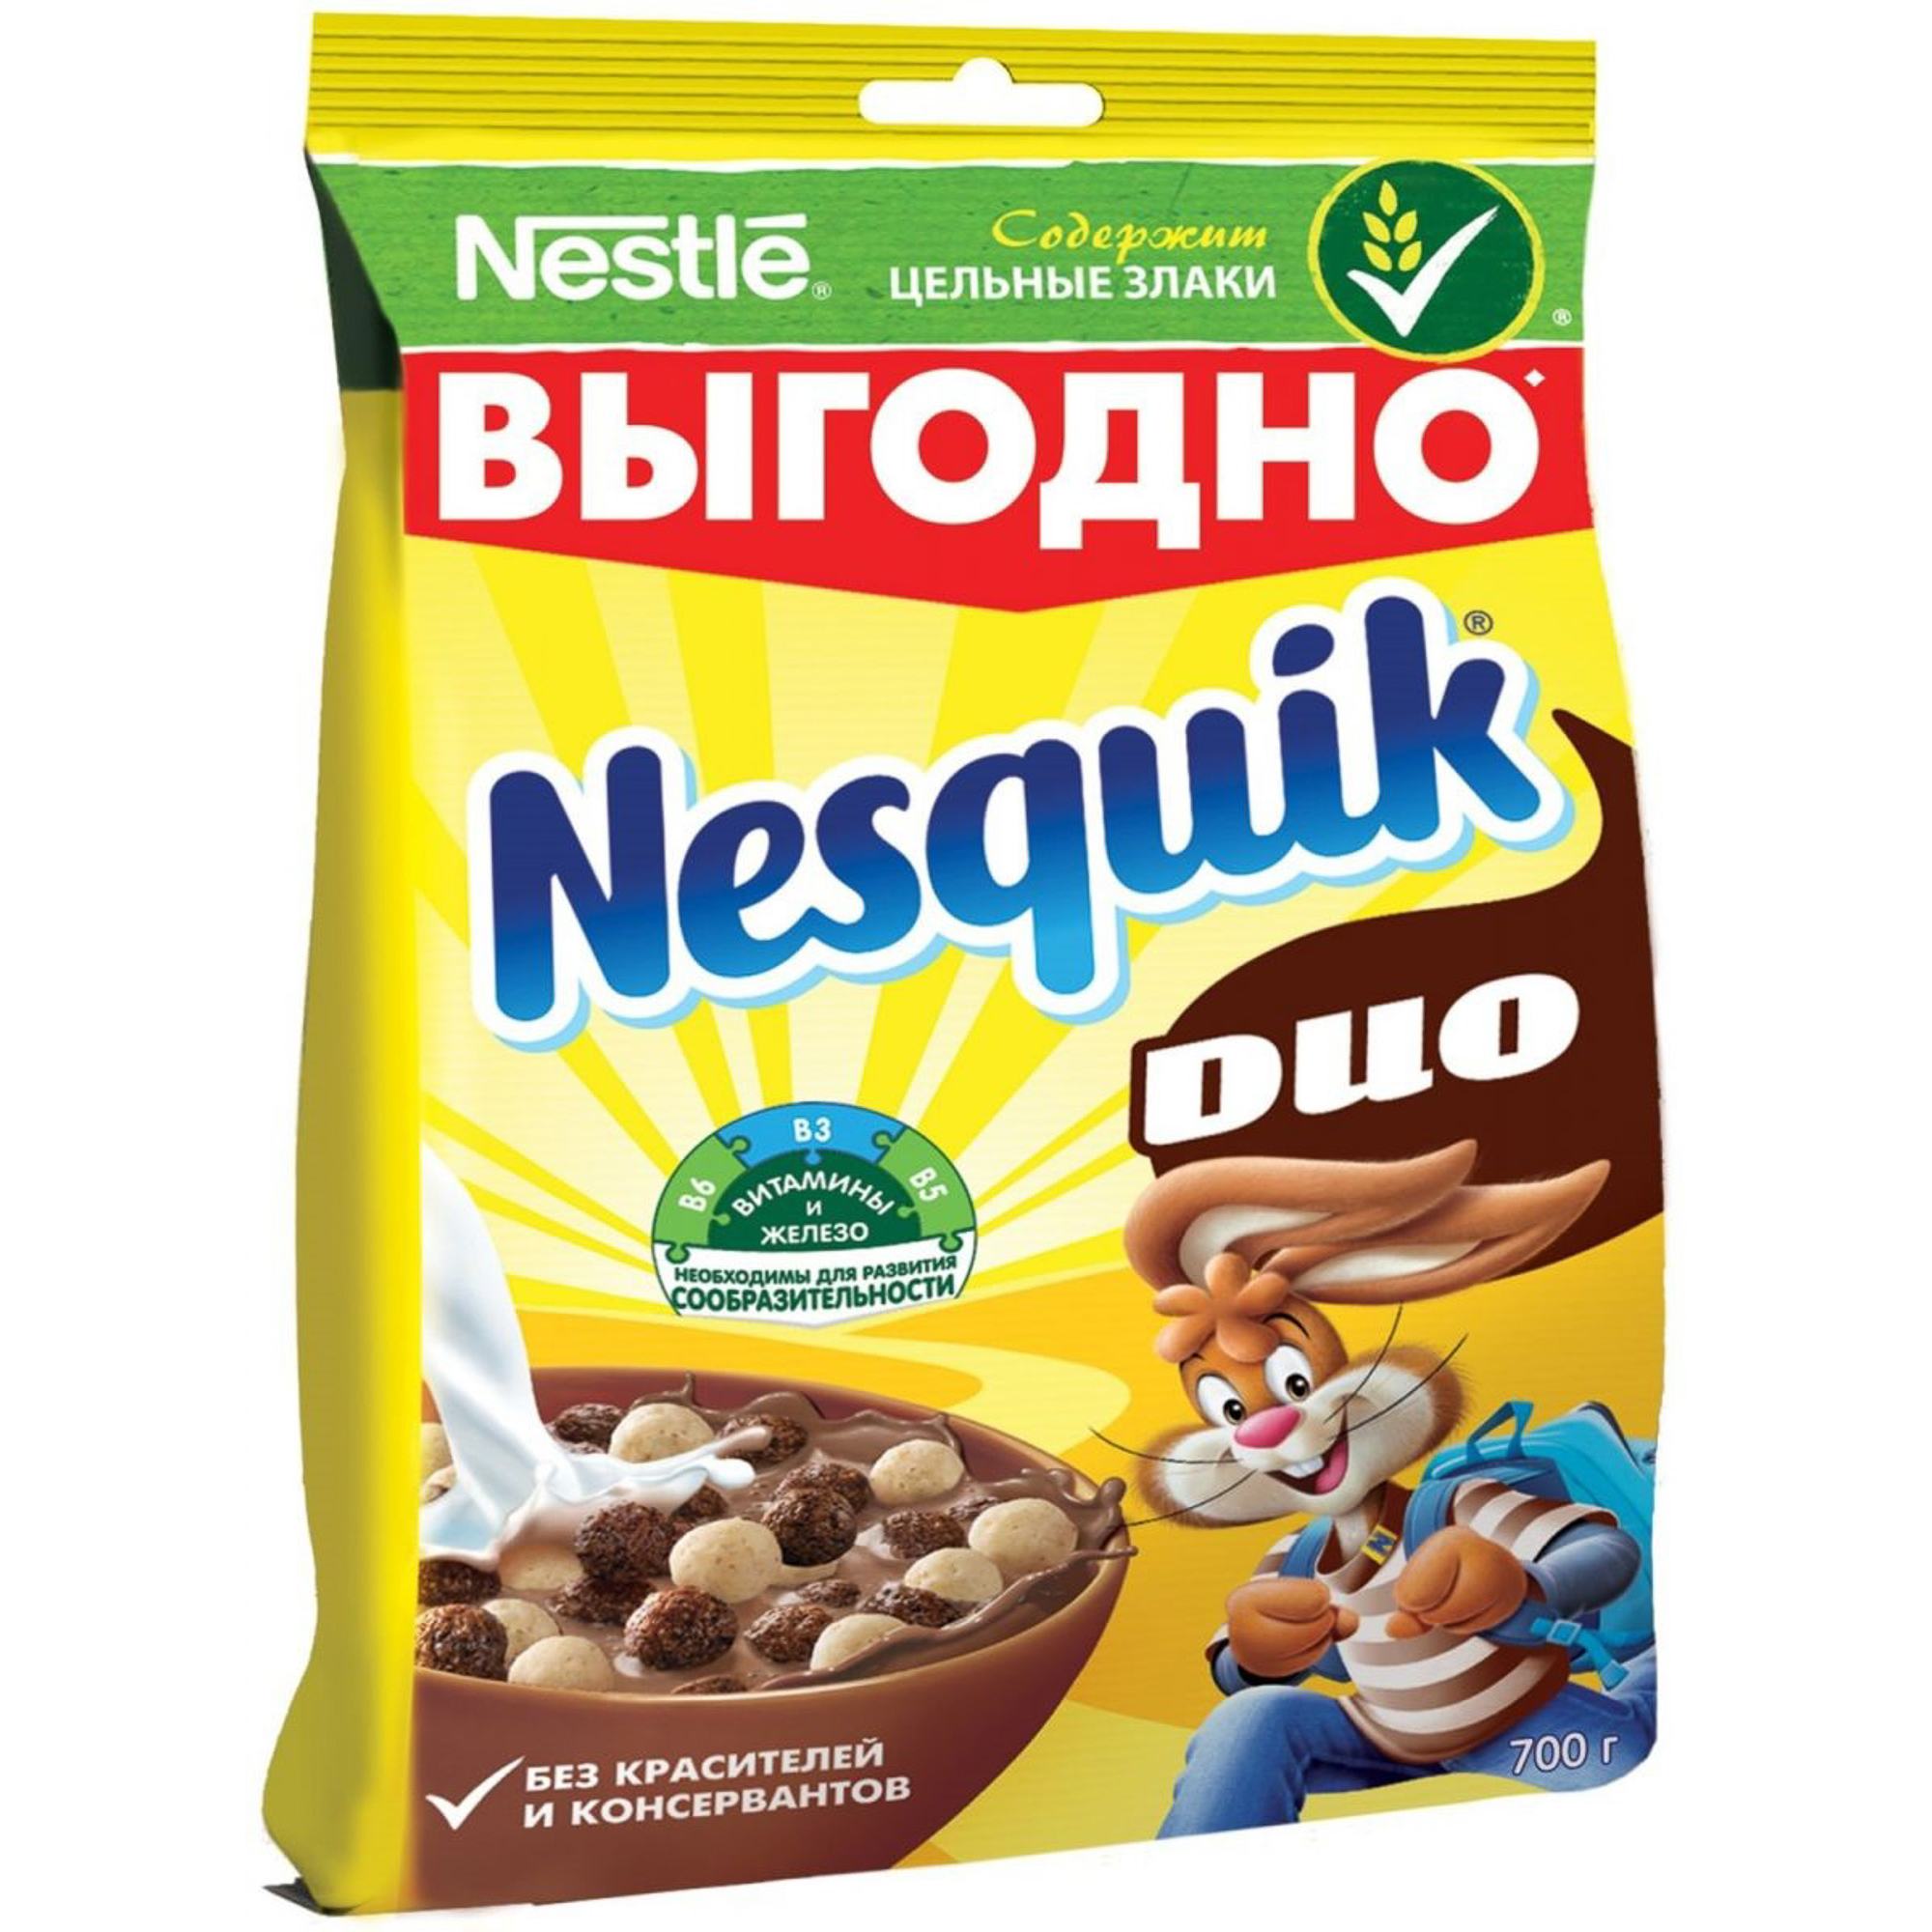 Готовый завтрак Nesquik Duo шоколадный 700 г.